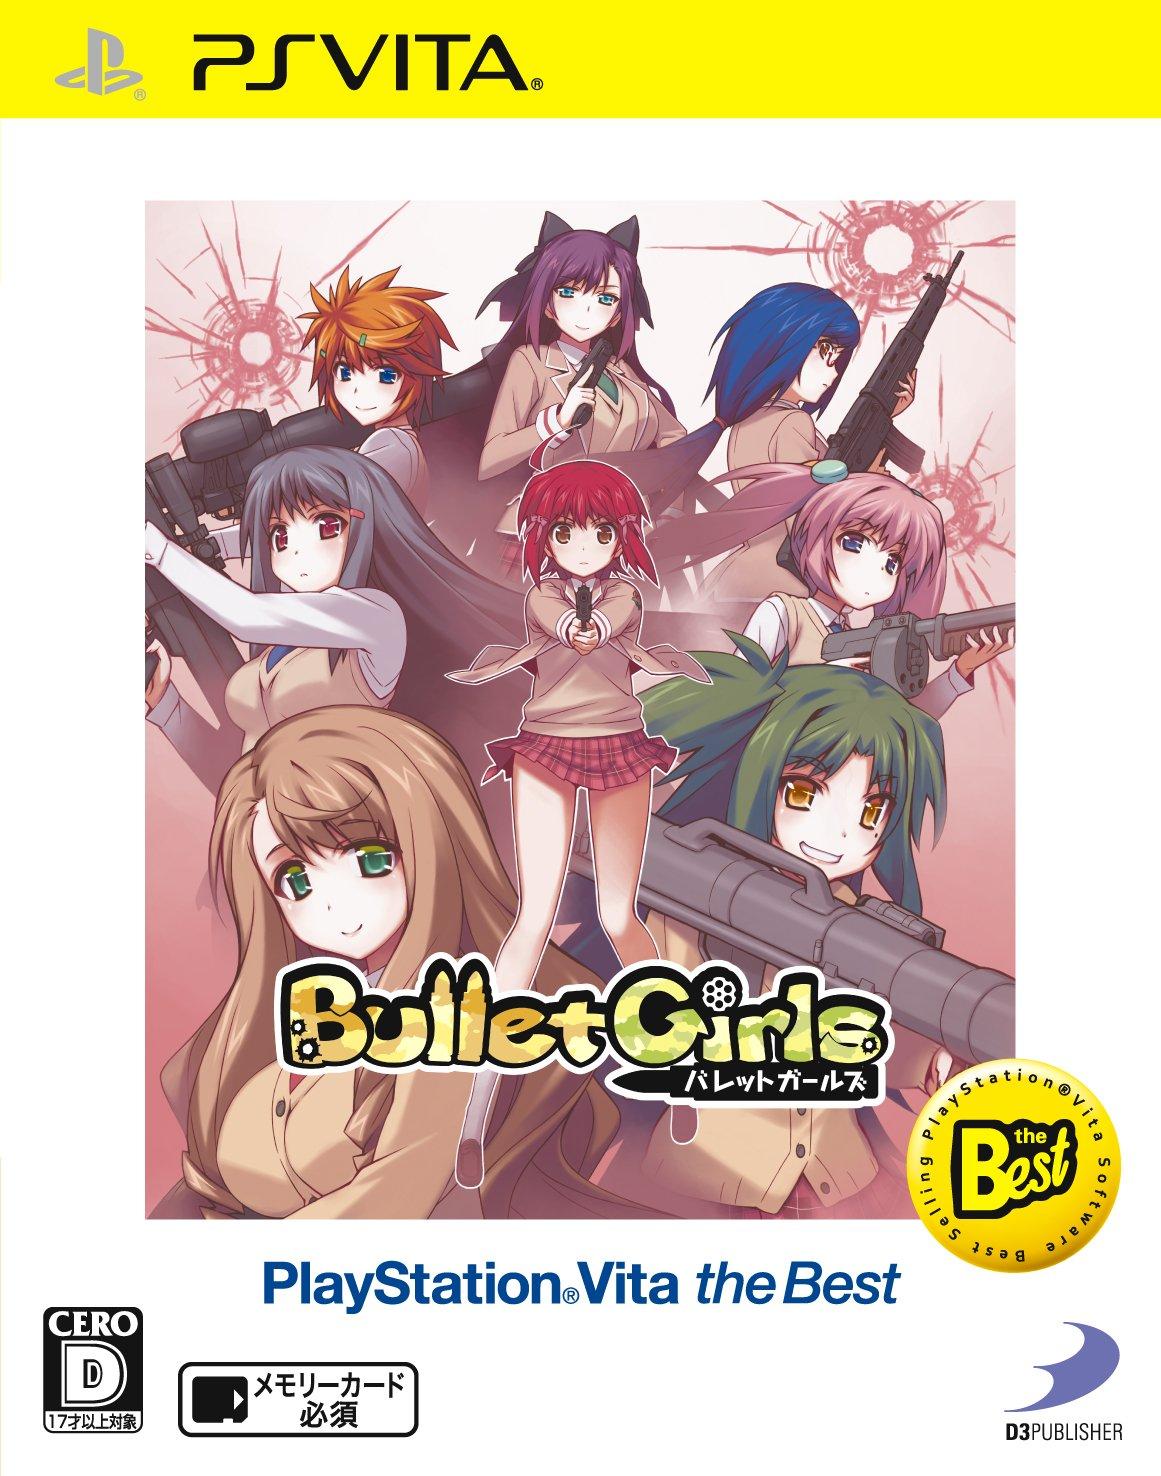 バレットガールズ PlayStation(R)Vita the Best